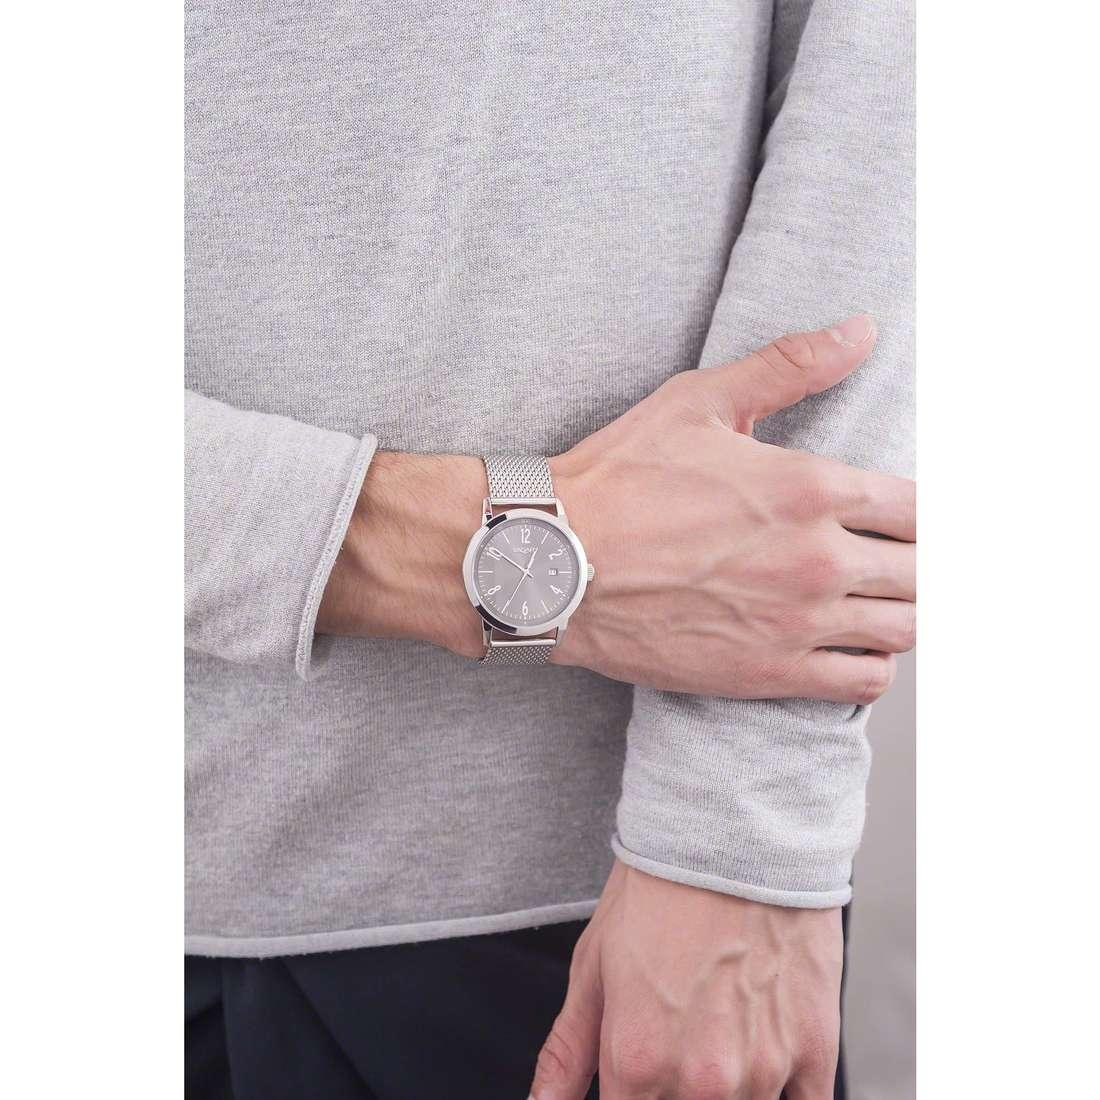 Vagary By Citizen solo tempo uomo ID9-116-13 indosso